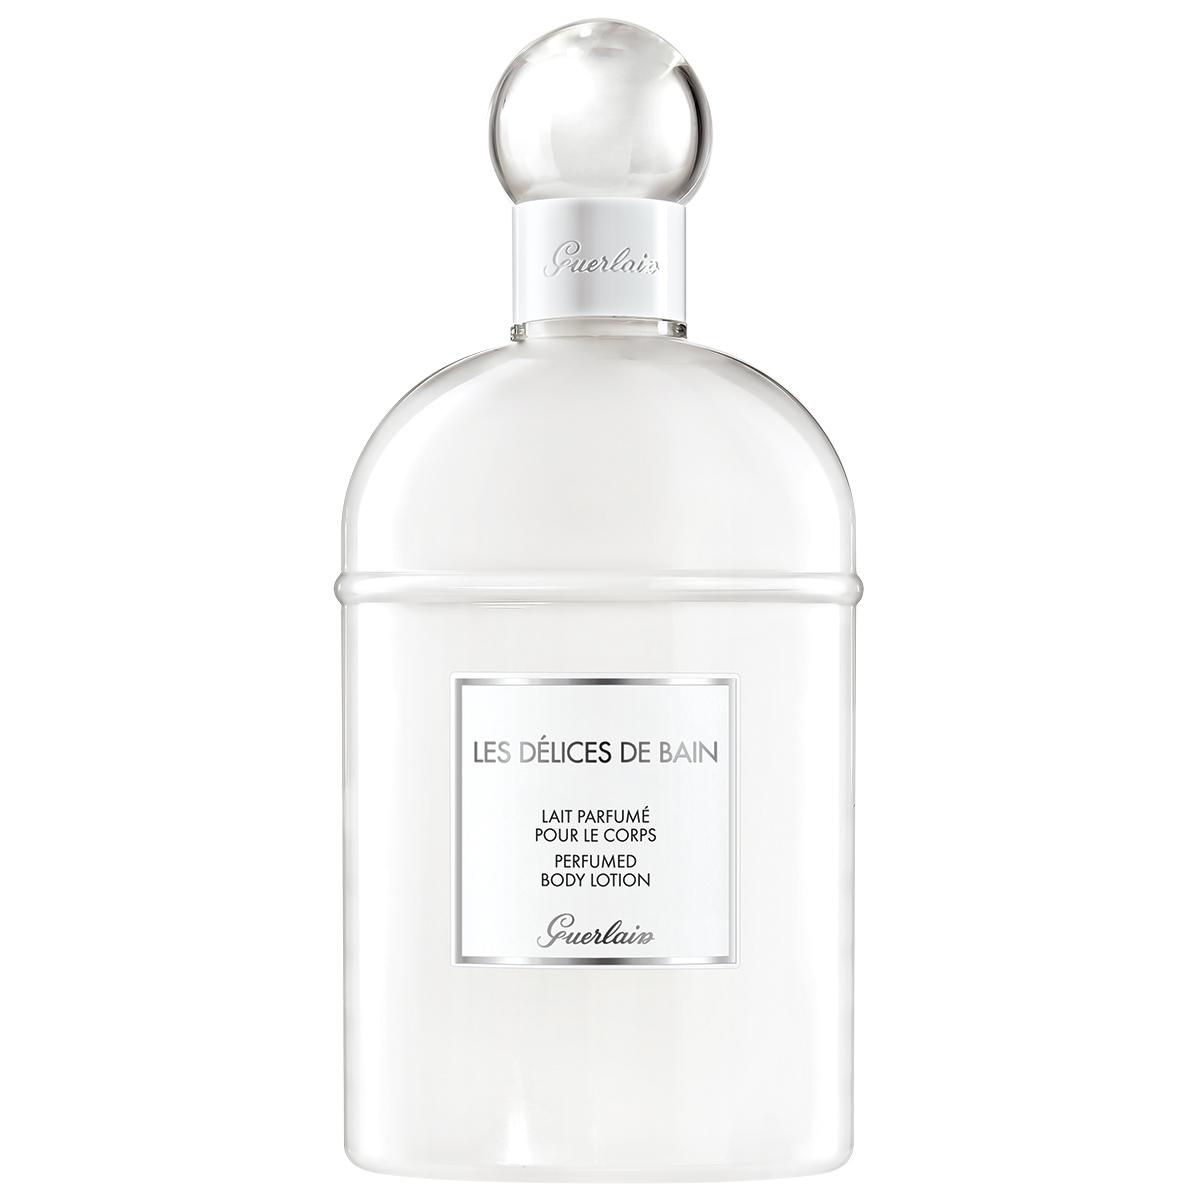 Guerlain - Les Délices de Bain - Lait parfumé pour le corps200 ml